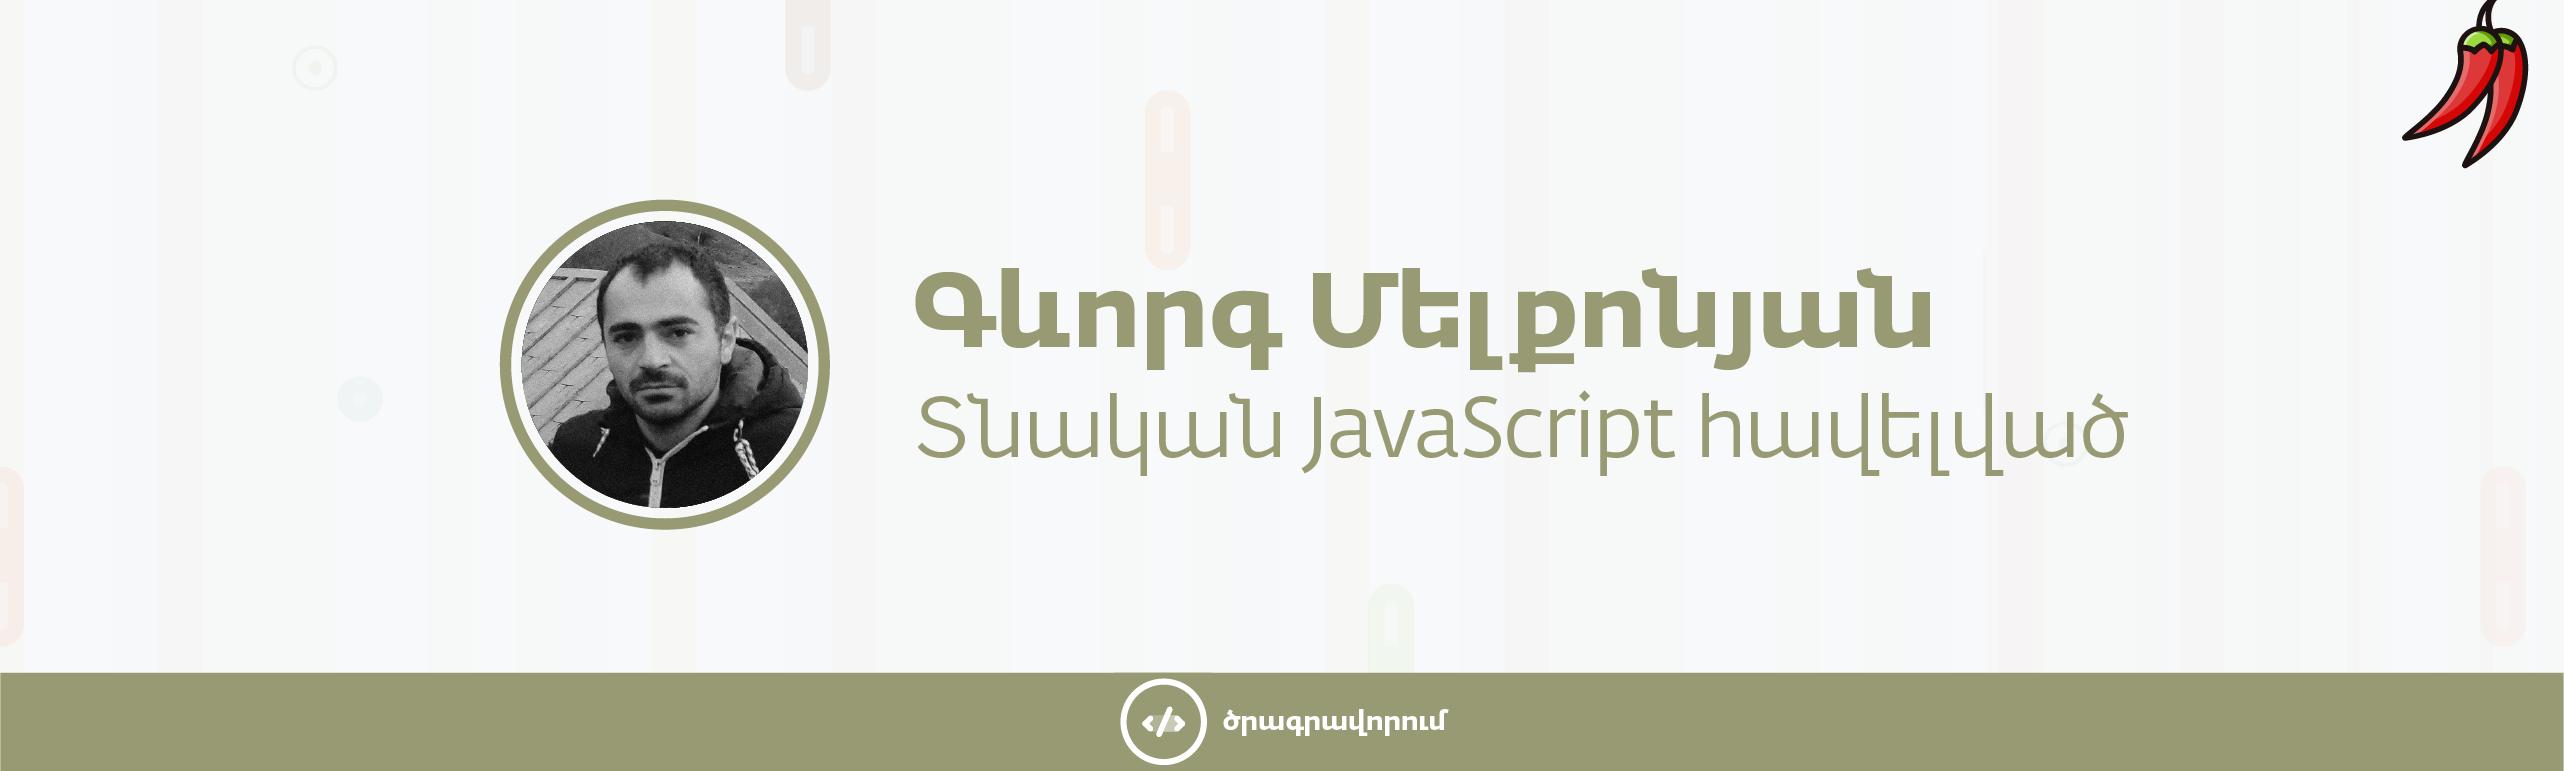 49arm - Տնական JavaScript հավելված